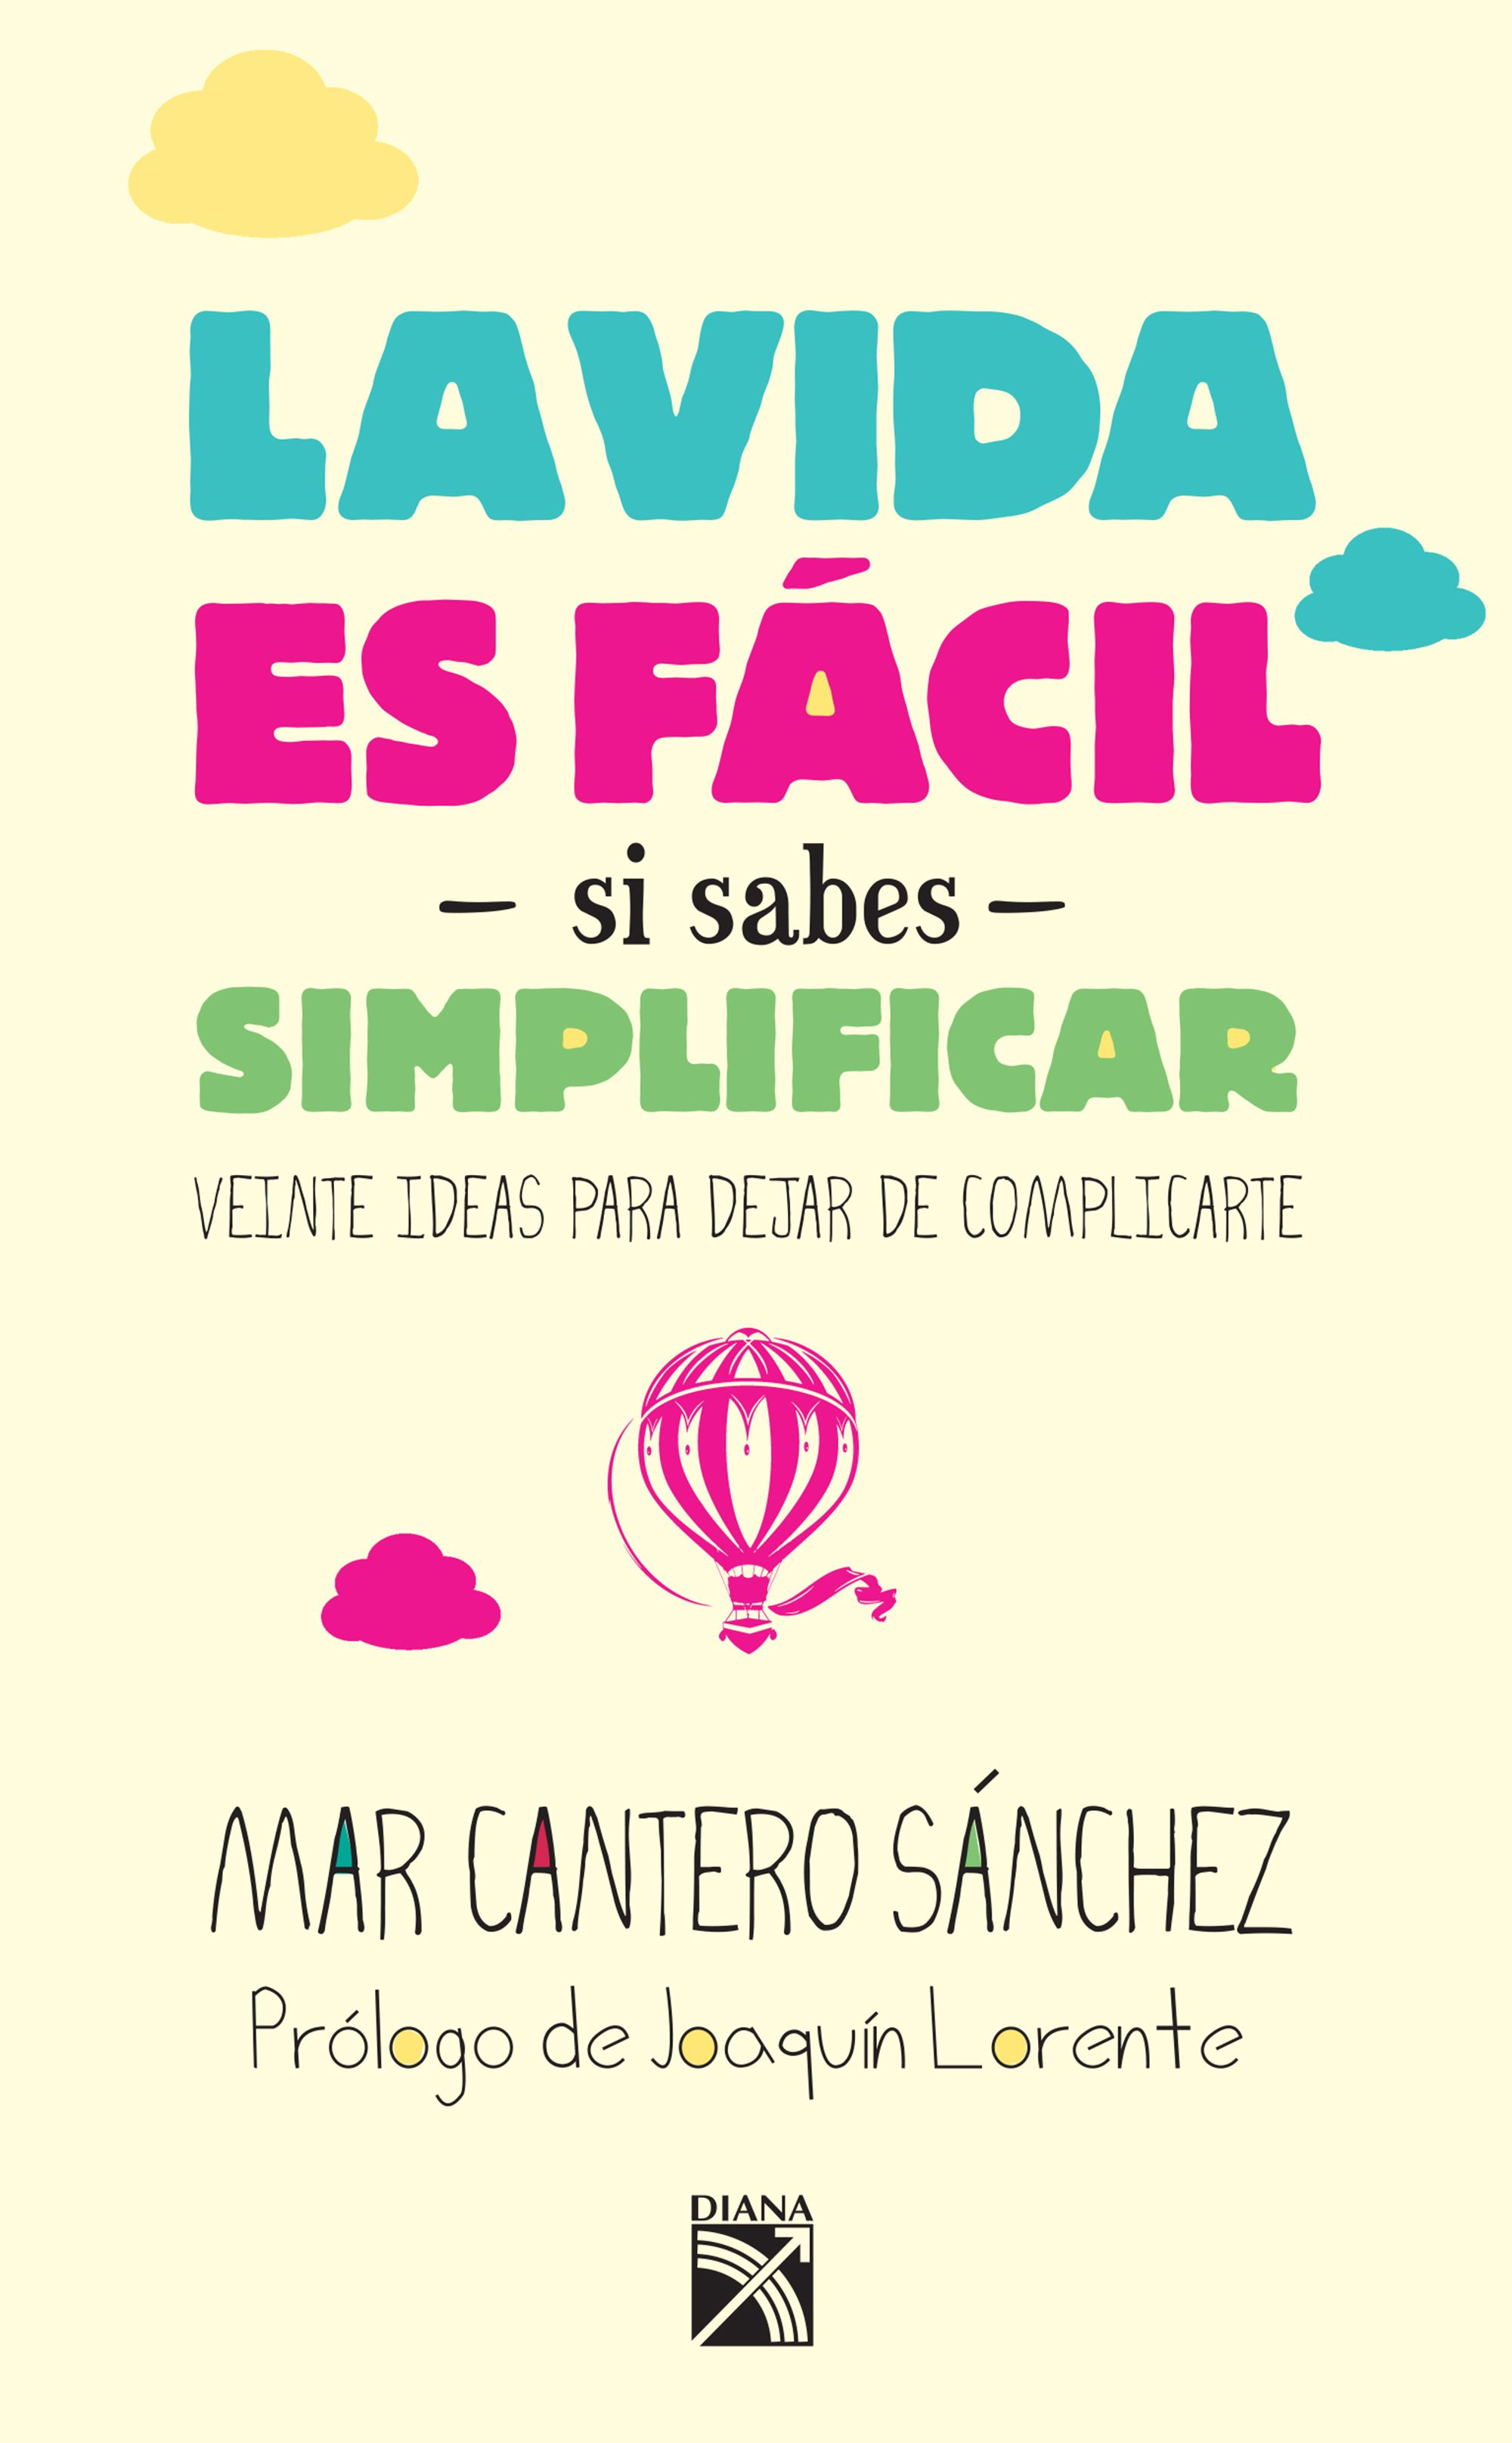 La vida es fácil si sabes simplificar, Diana, México, portada, Mar Cantero Sánchez, www.marcanterosanchez.com